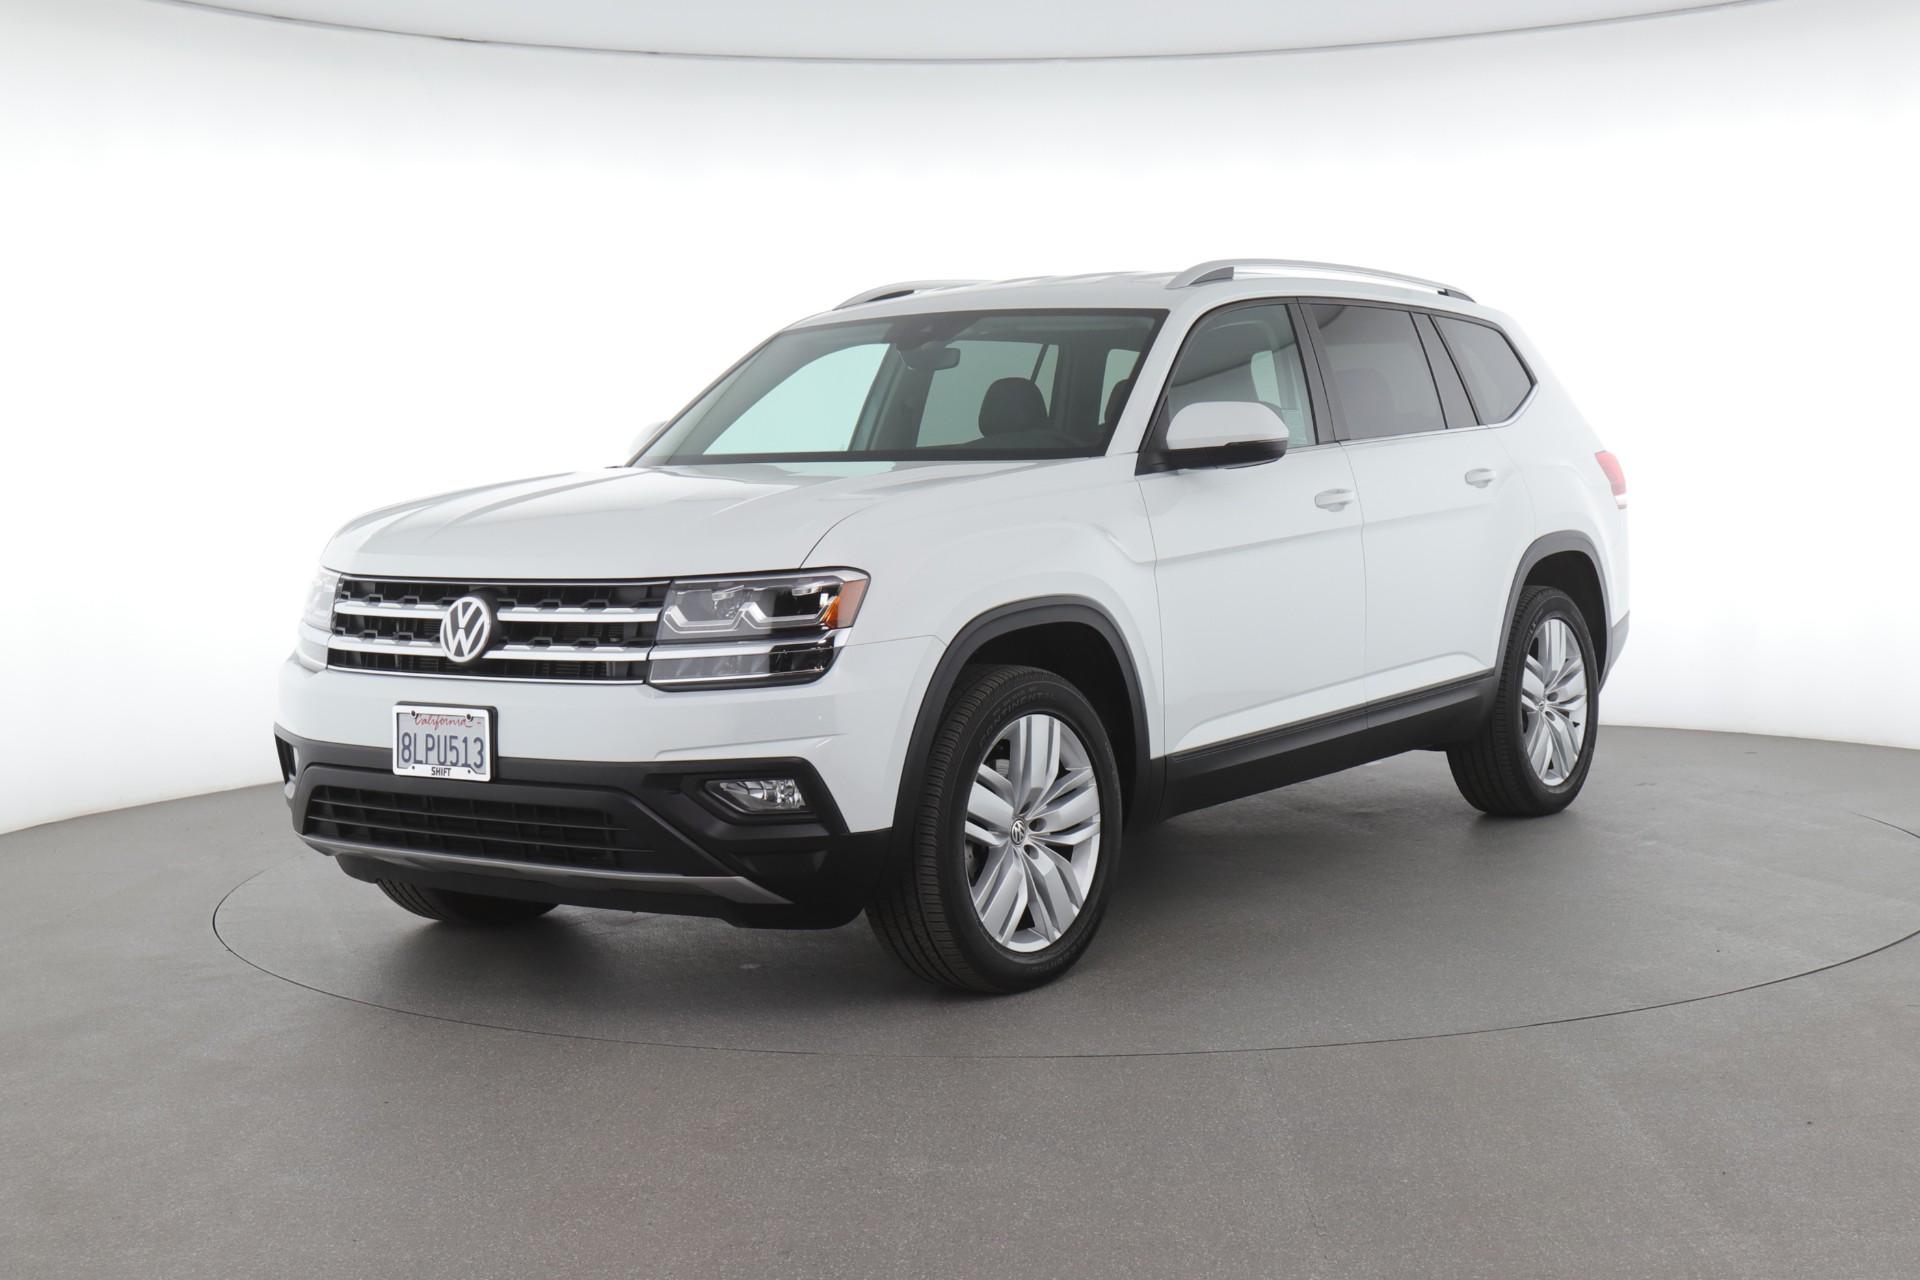 2019 Volkswagen Atlas 3.6L (from $30,950)